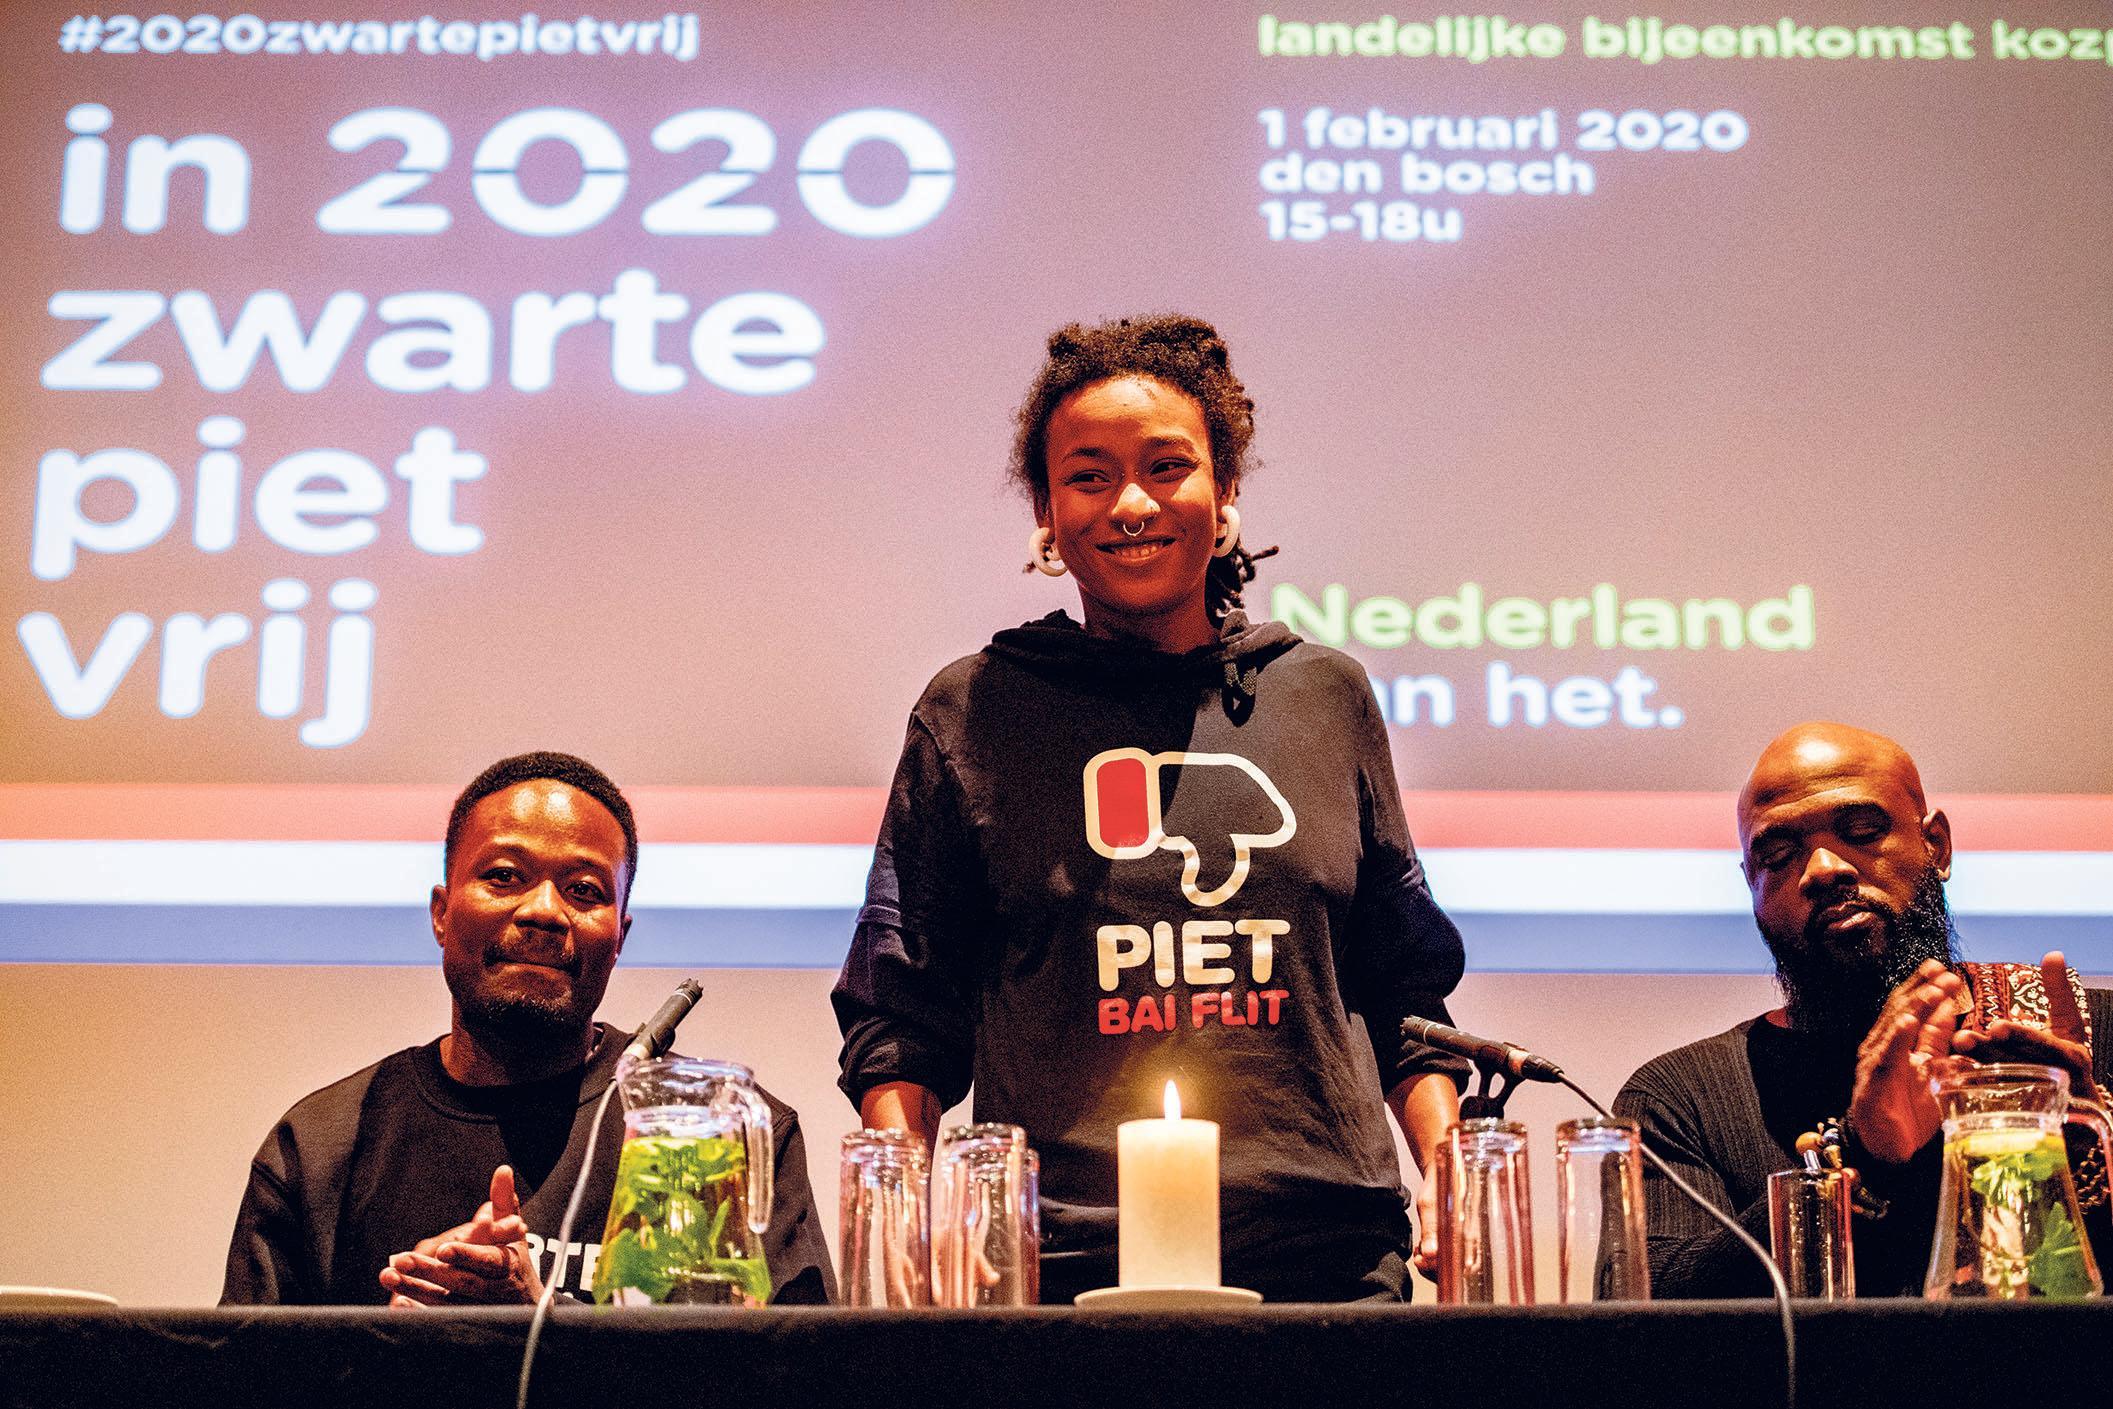 Kick Out Zwarte Piet wil demonstreren bij sintintocht in Weesp